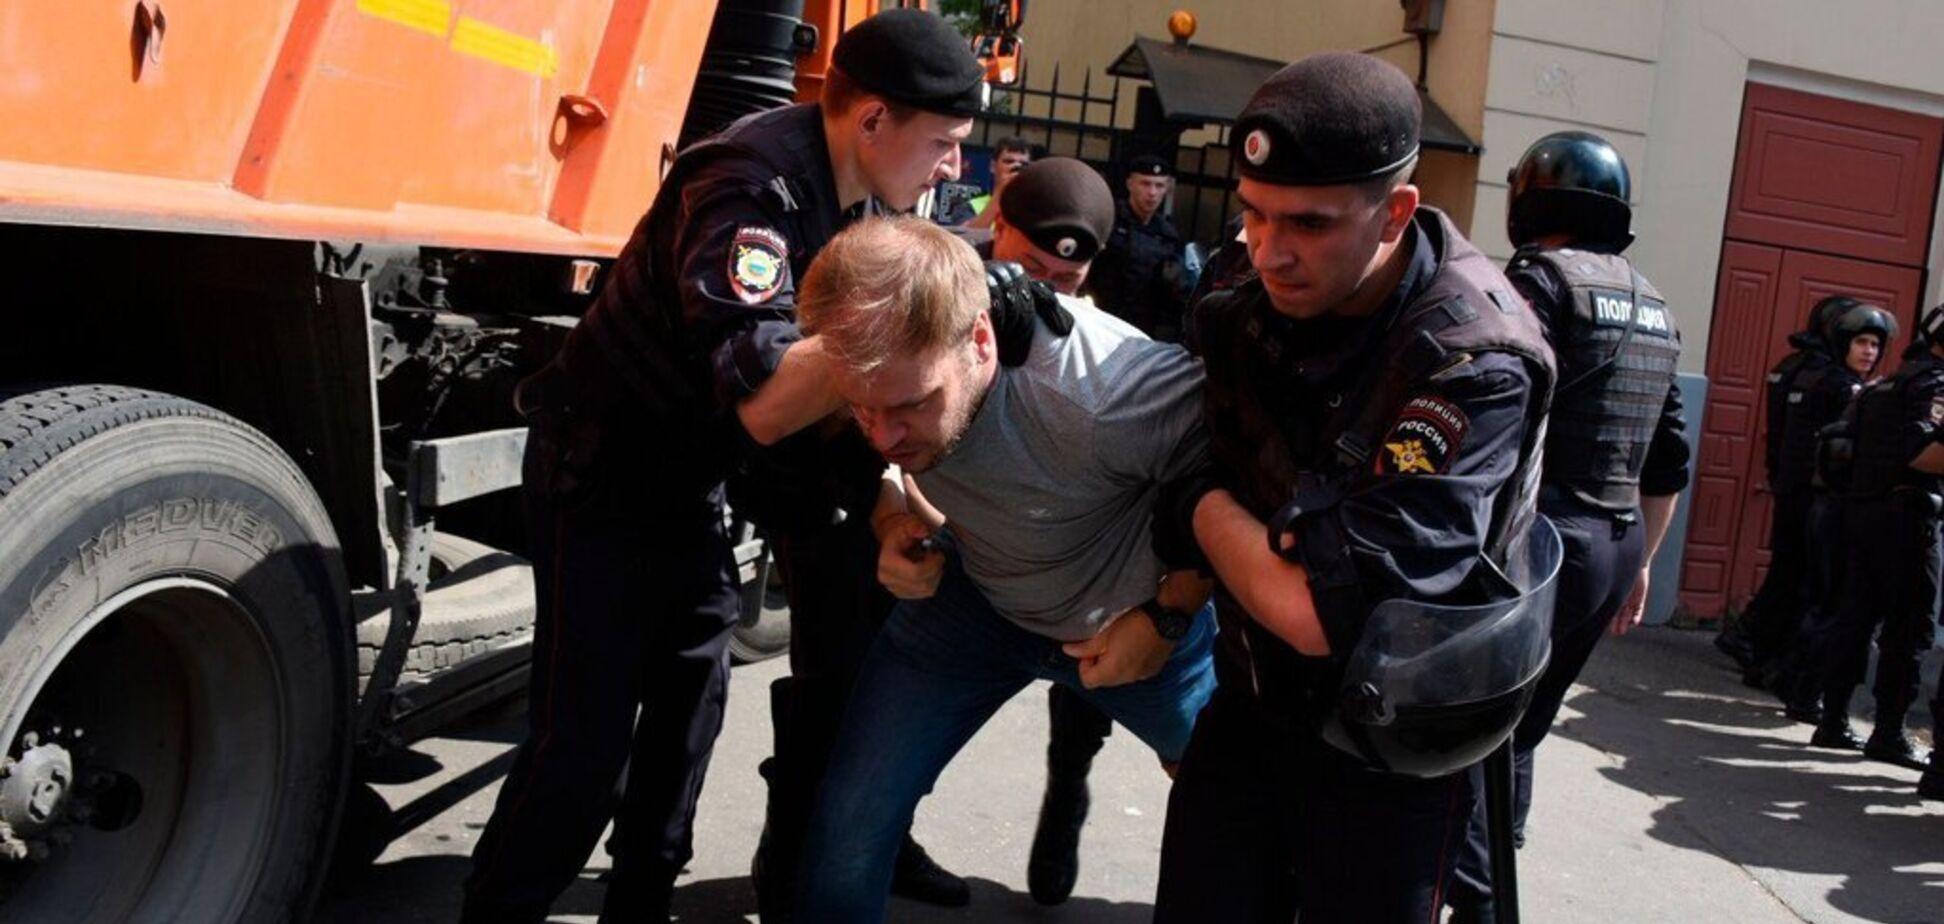 'Лицом по асфальту... Фашисты!' Появились видео издевательств над протестующими в Москве